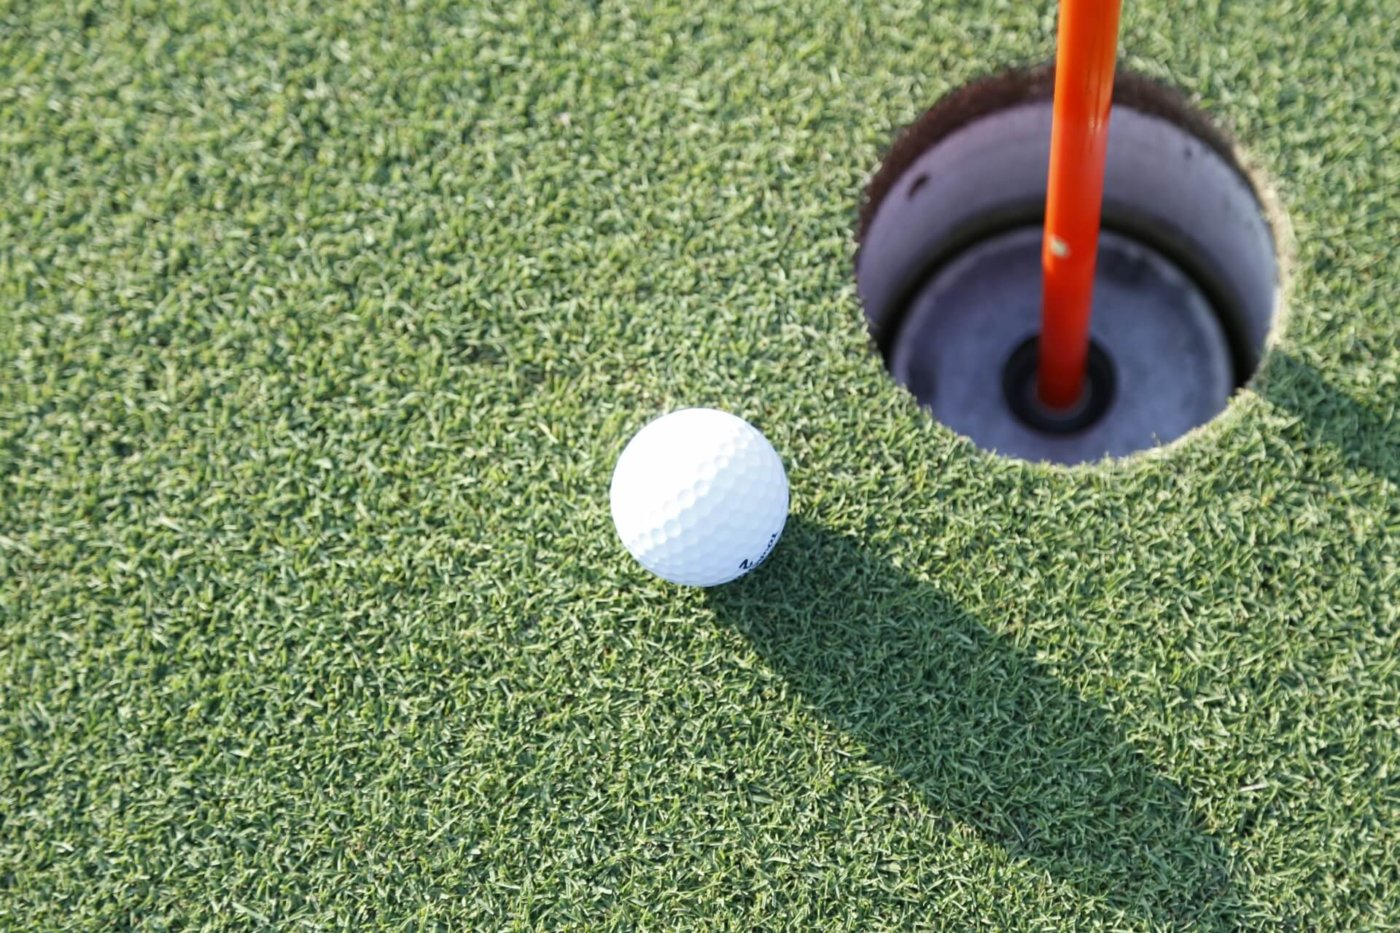 ゴルフ観戦を2倍楽しむ方法~ランキングをチェックしよう!